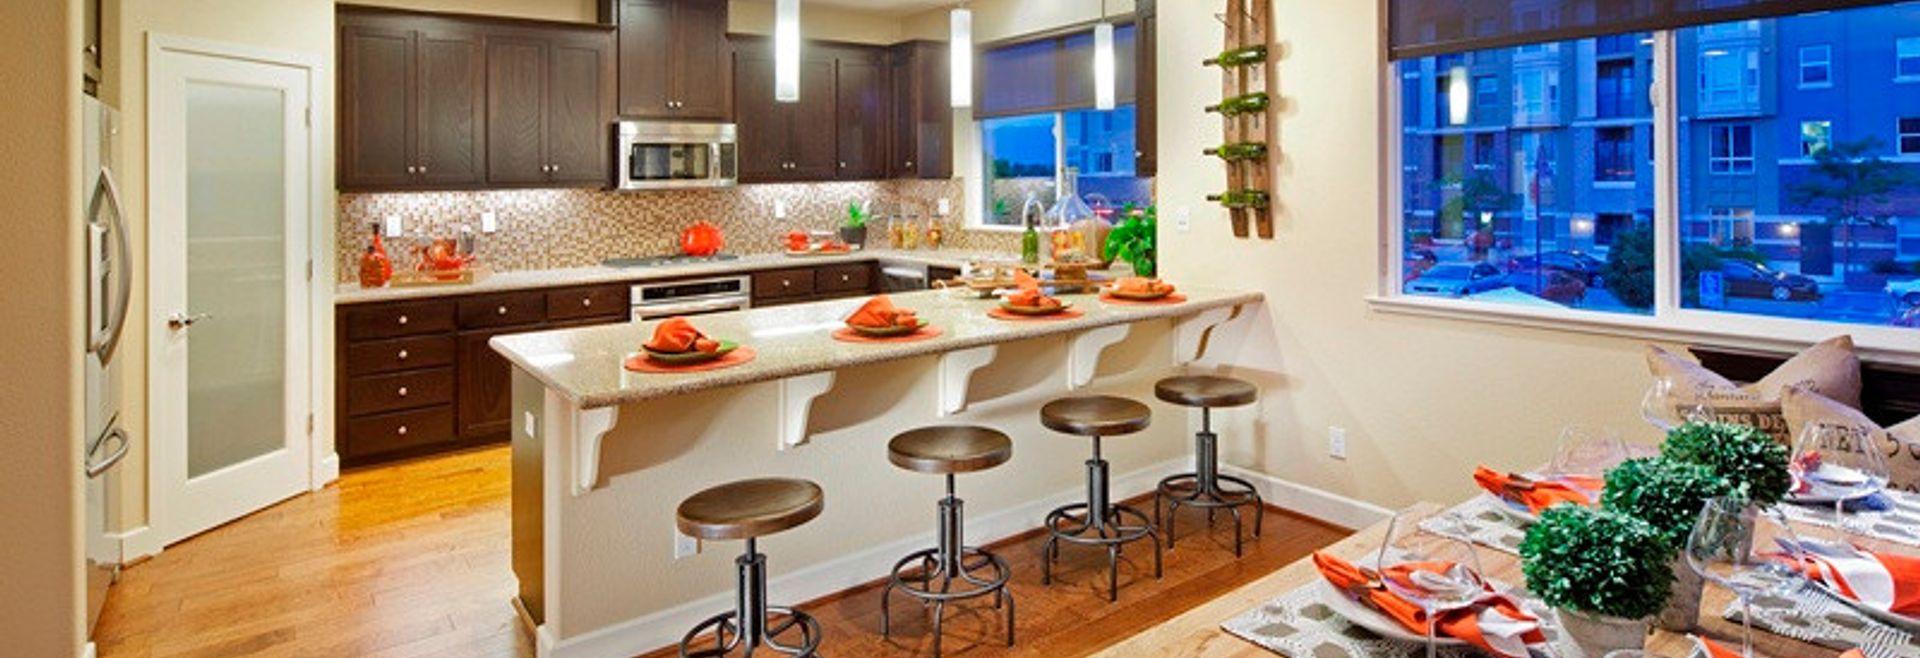 Tralee Plan A Kitchen